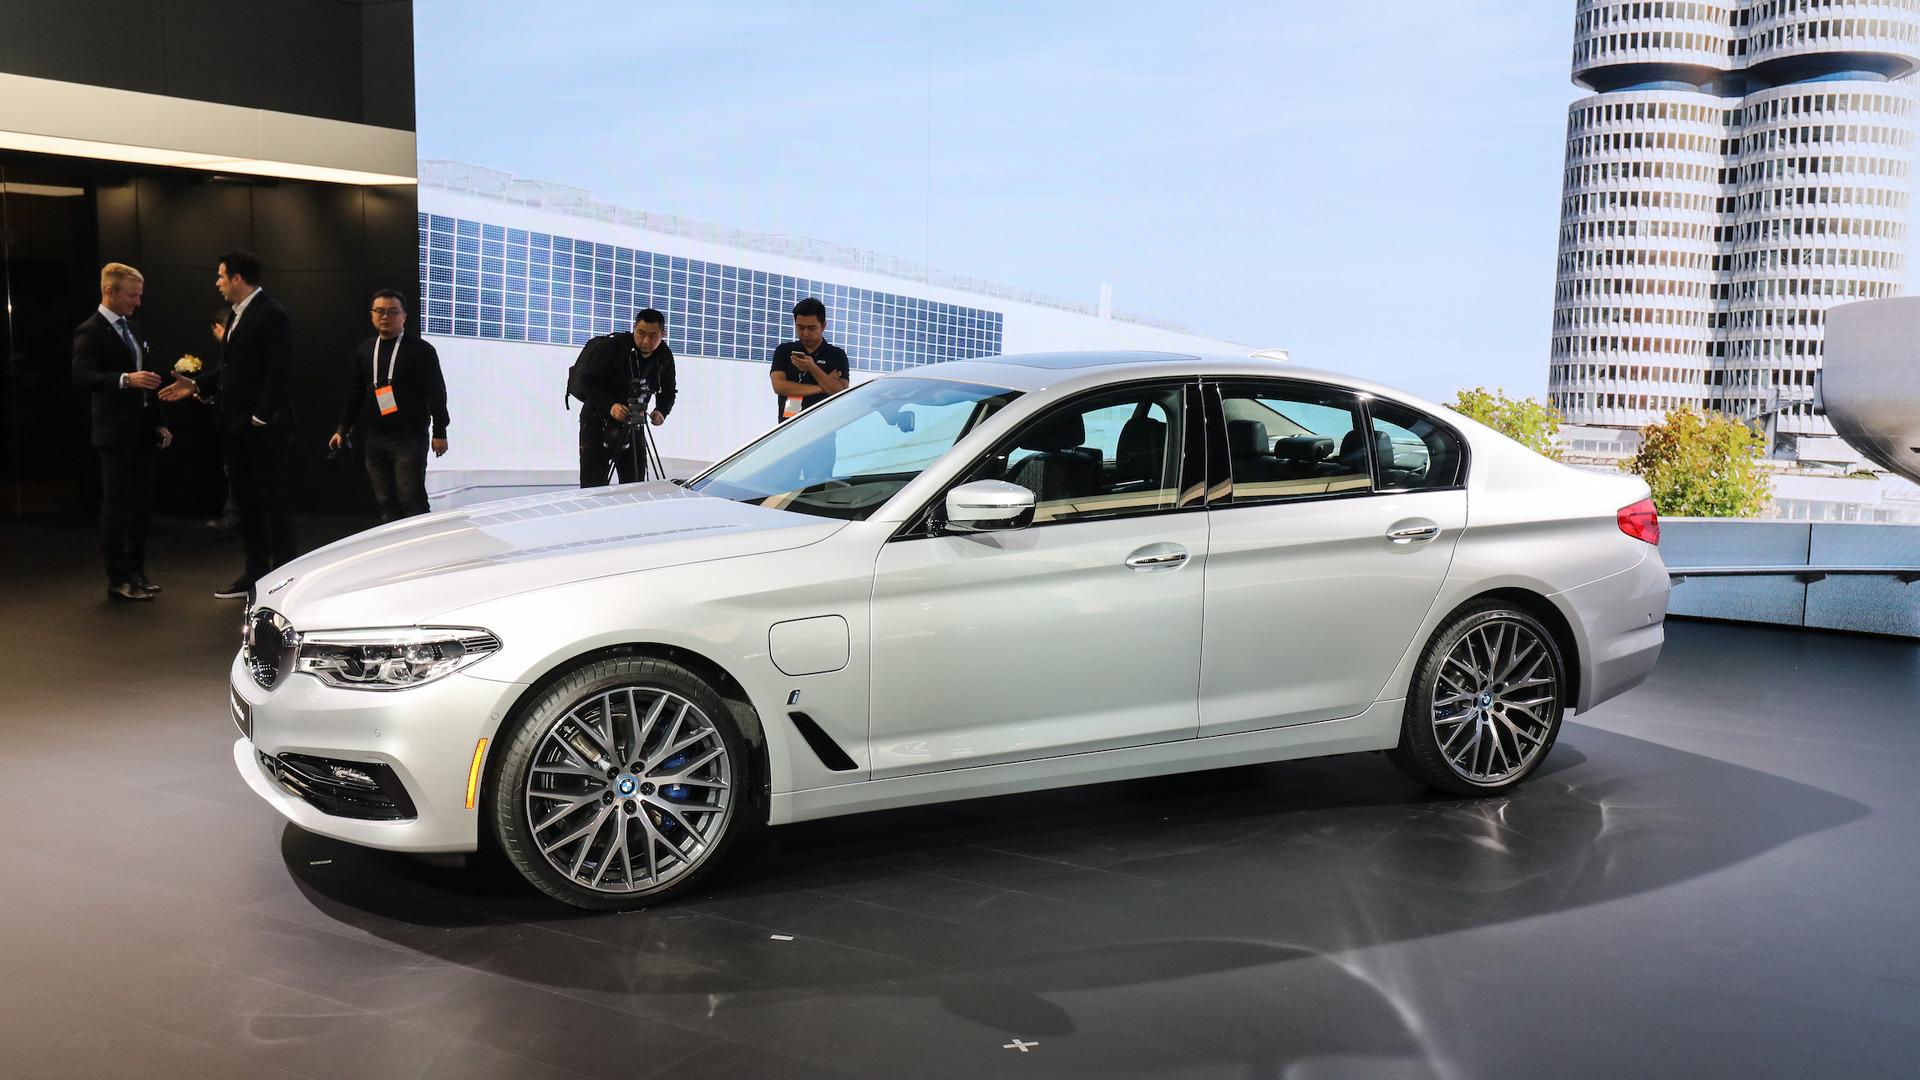 BMW 5 Series: Changing wheels